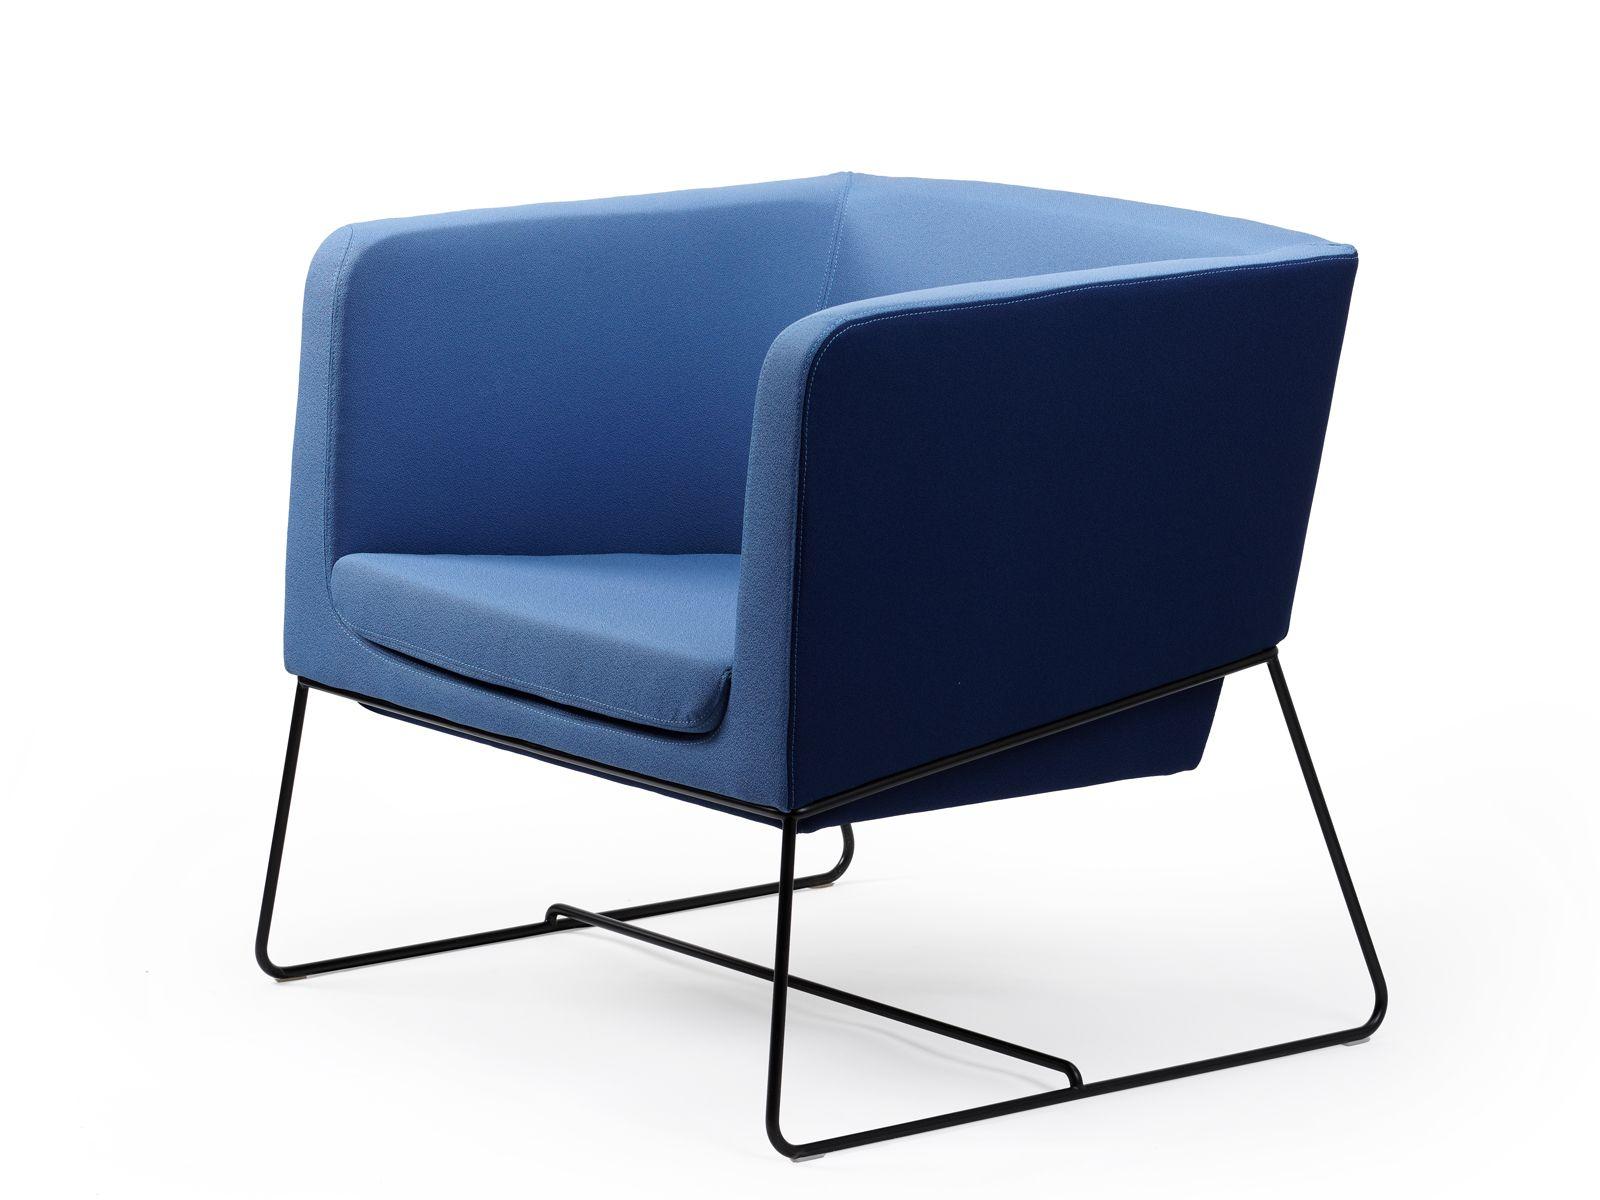 fauteuil bas luge rembourr avec accoudoirs collection. Black Bedroom Furniture Sets. Home Design Ideas